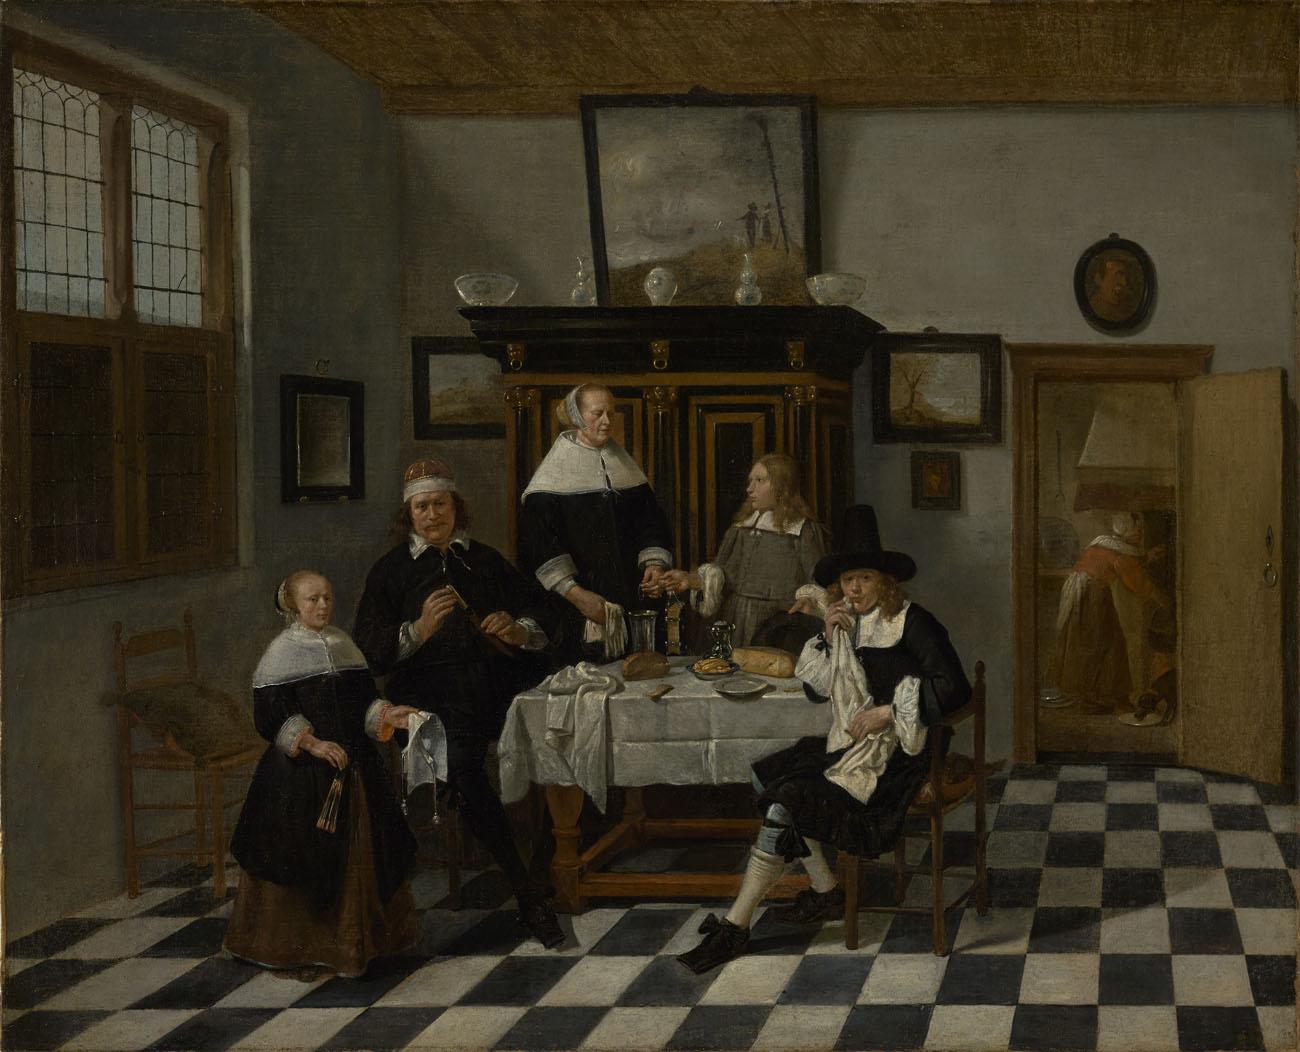 Family Group at Dinner Table / Gerritsz. van Brekelenkam